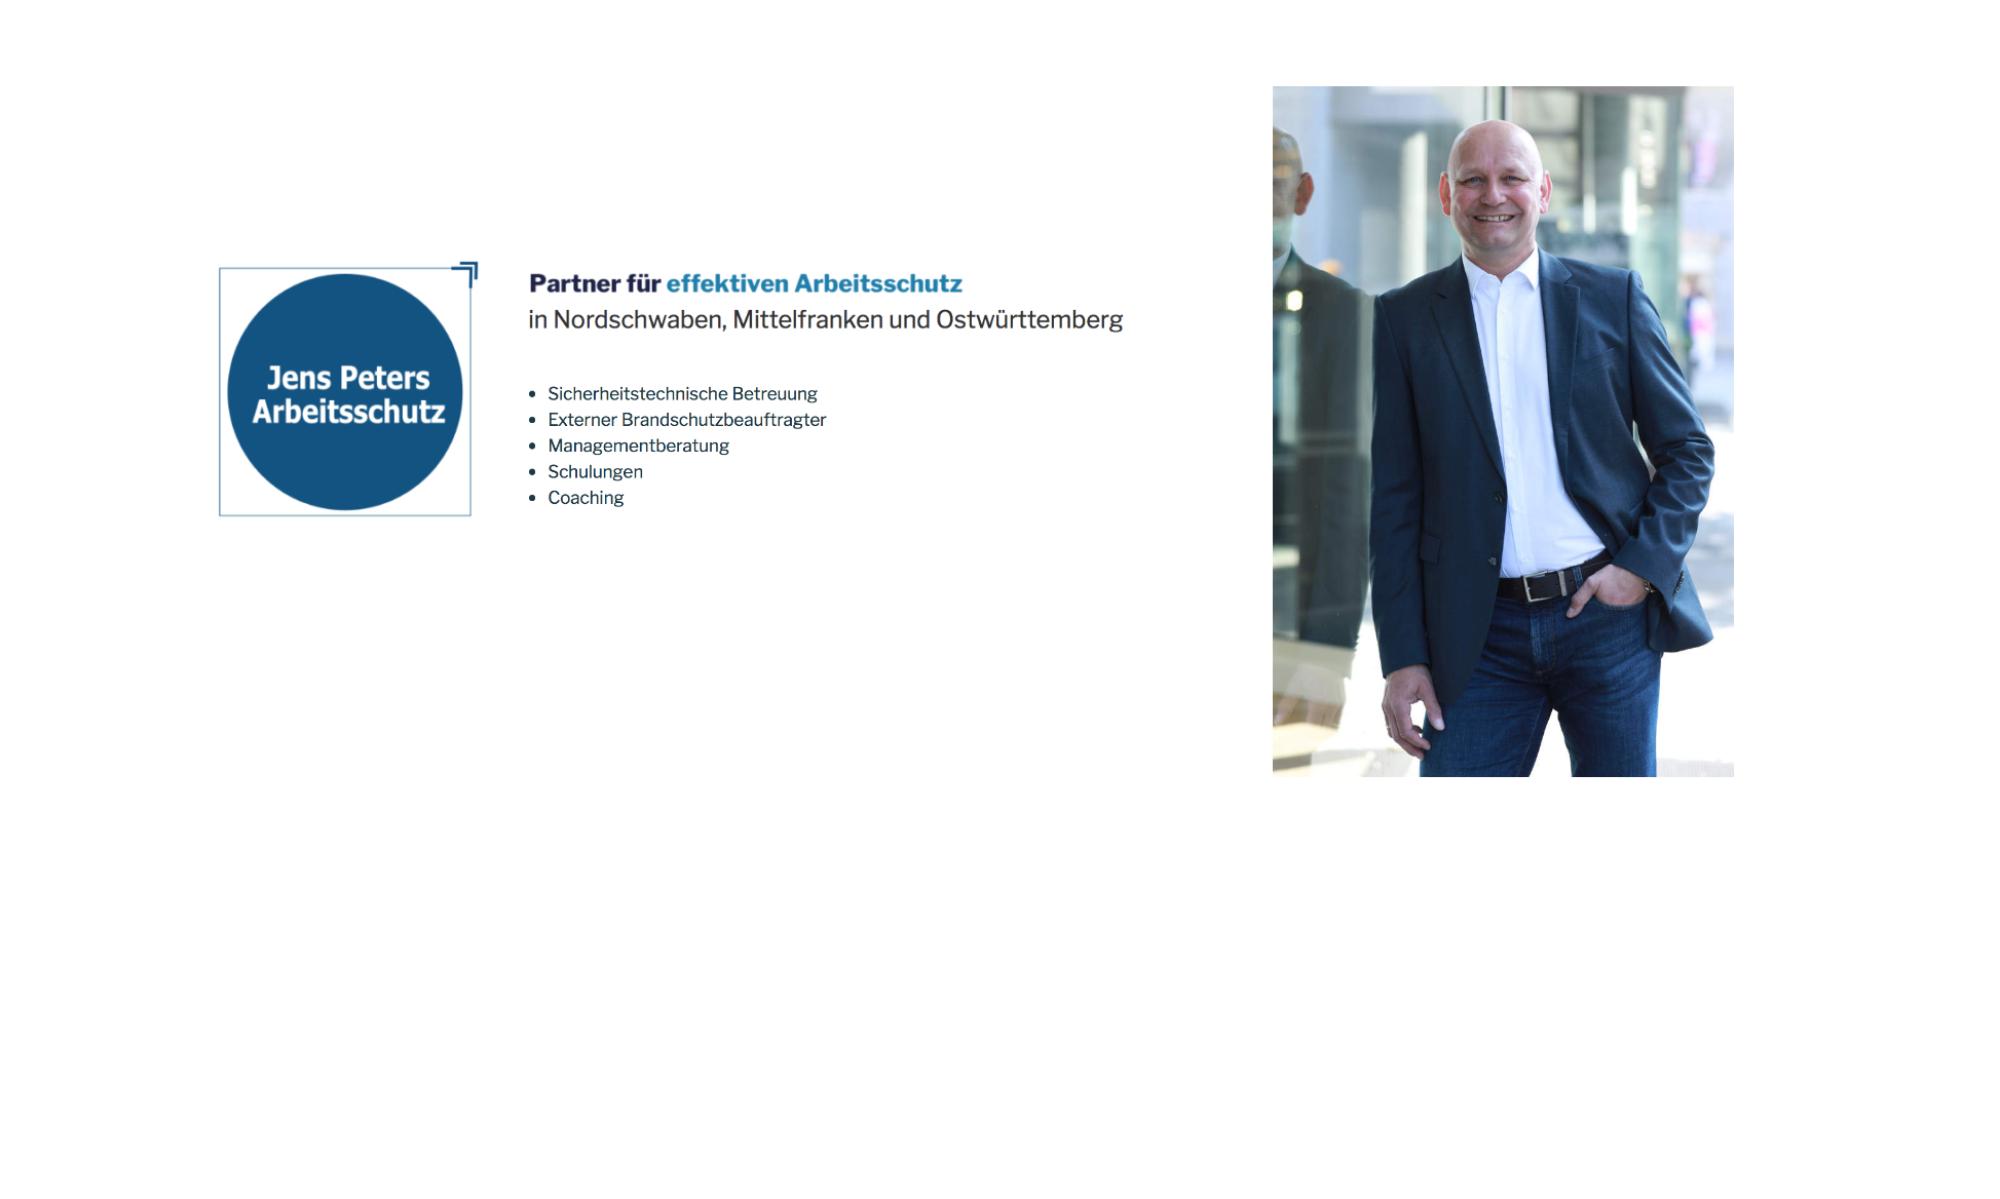 Jens Peters Arbeitsschutz